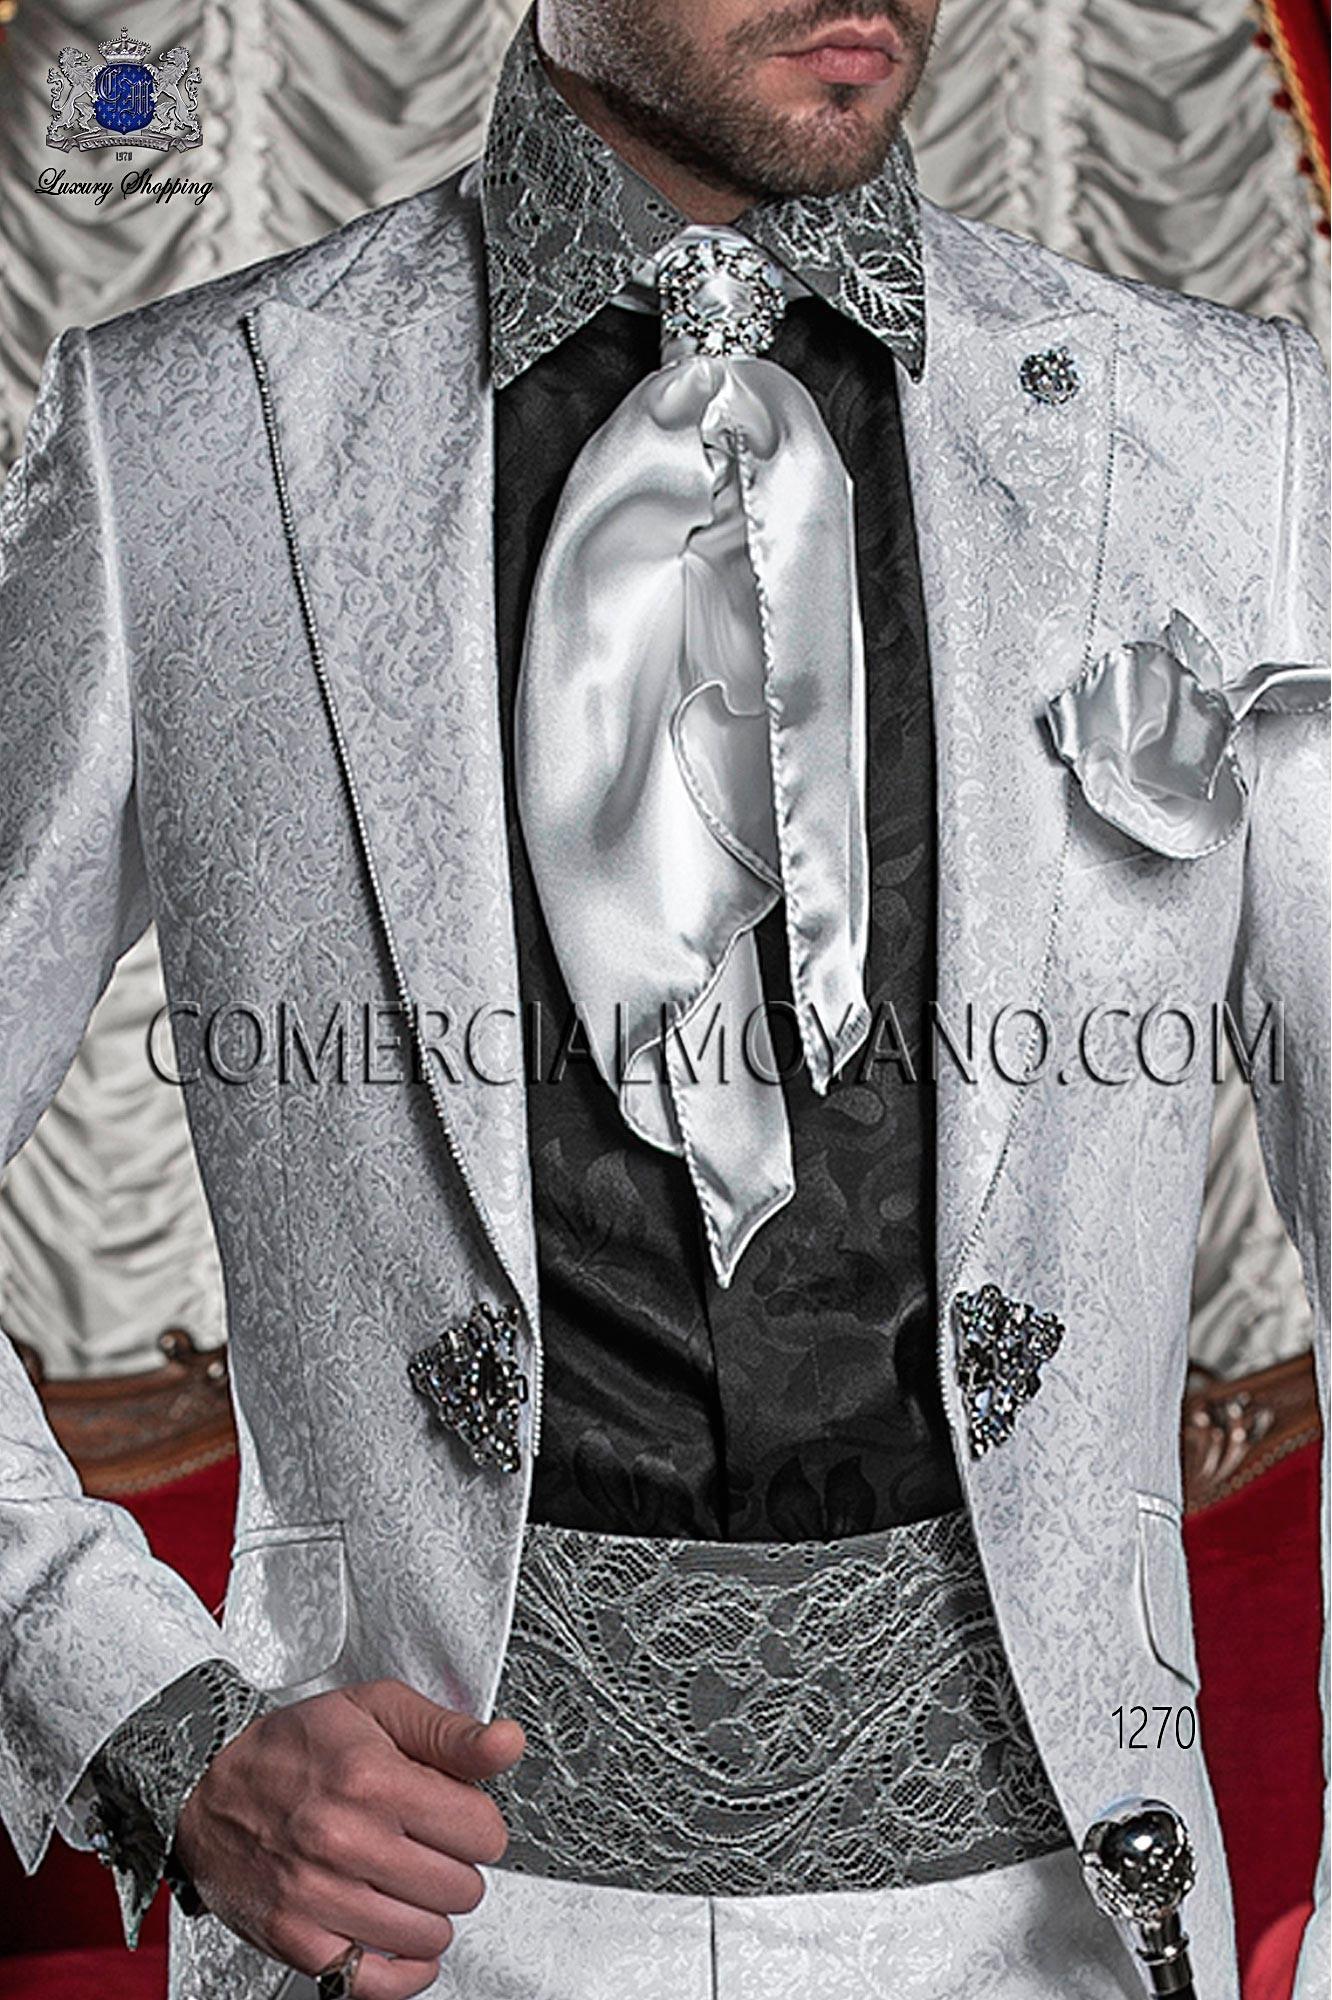 Traje barroco de novio blanco modelo: 1270 Ottavio Nuccio Gala colección 2017 Barroco